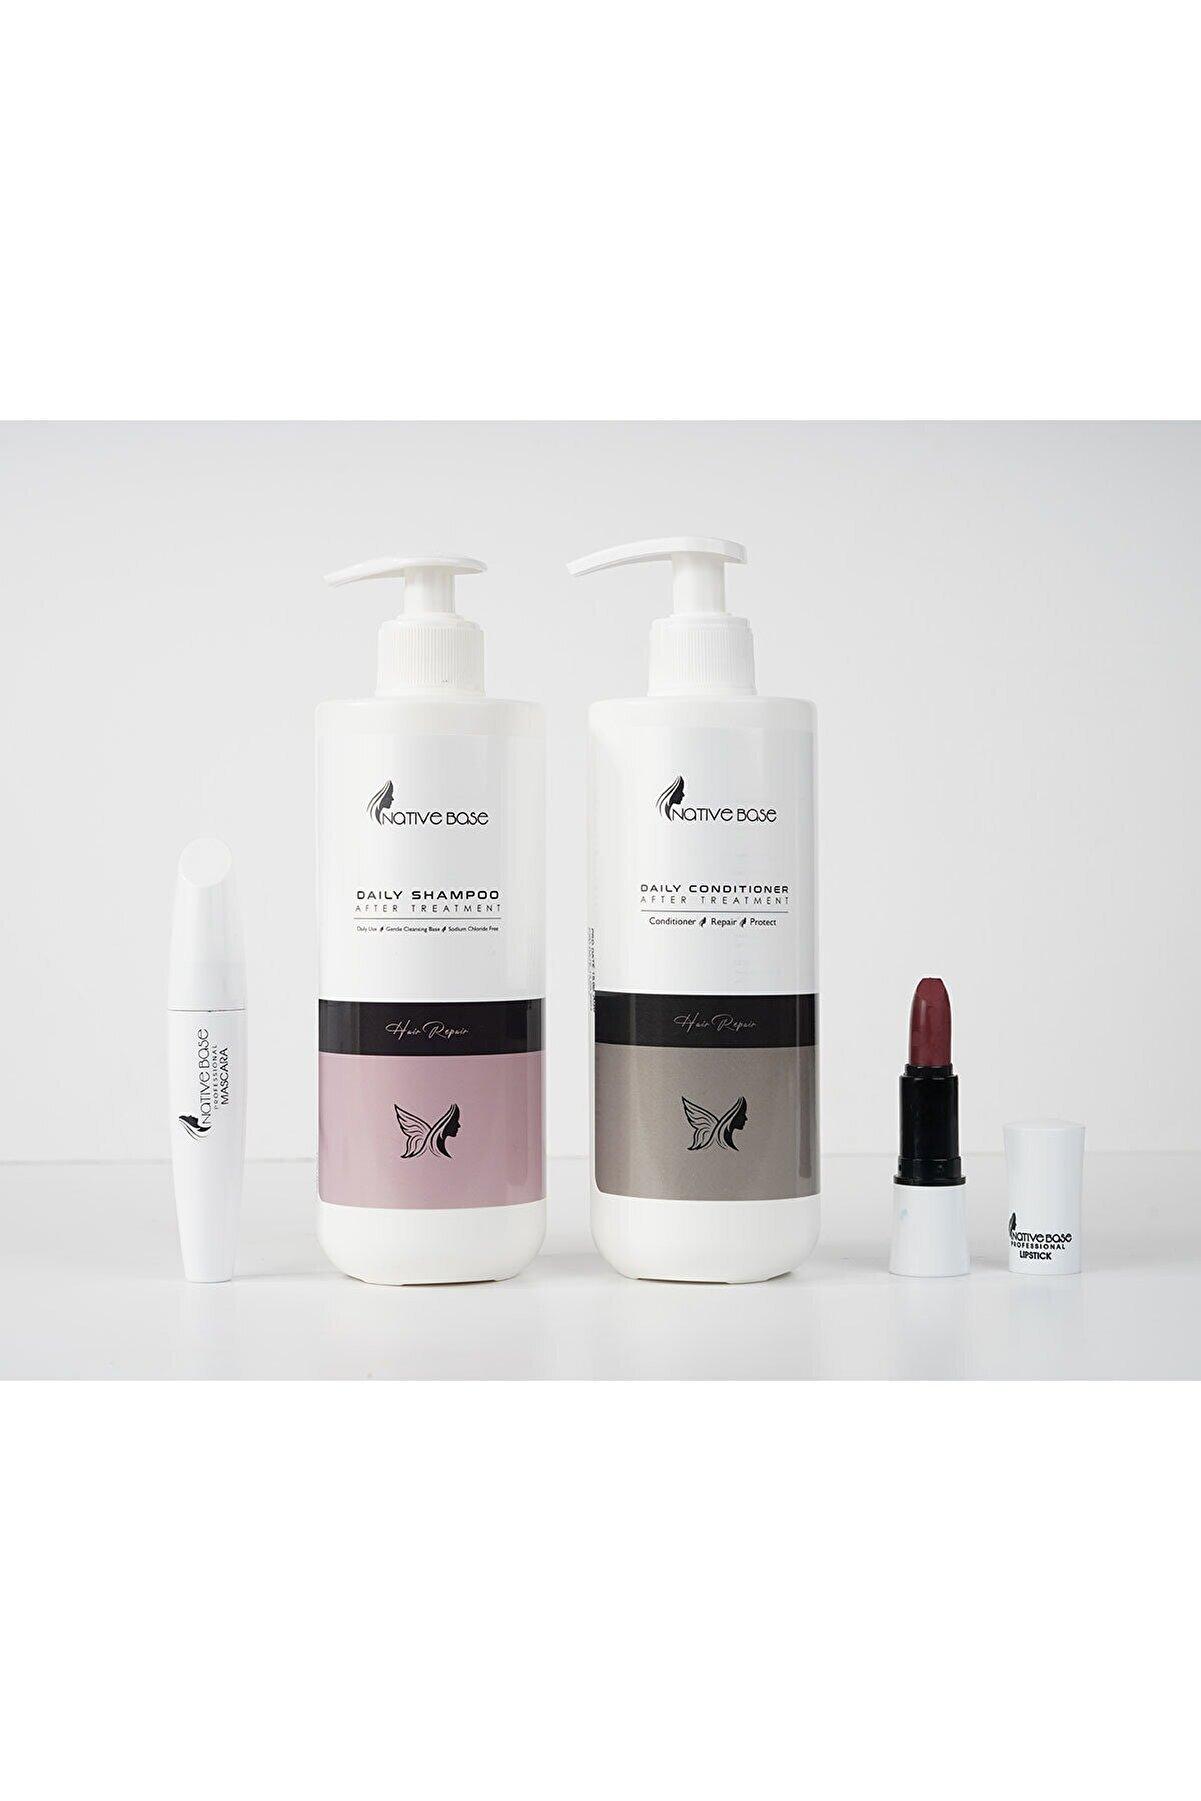 Native Base Keratin Bakım Şampuanı 500 ml+ Keratin Krem 500 ml+ Ruj + Mascara Kişisel Saç Bakım Seti